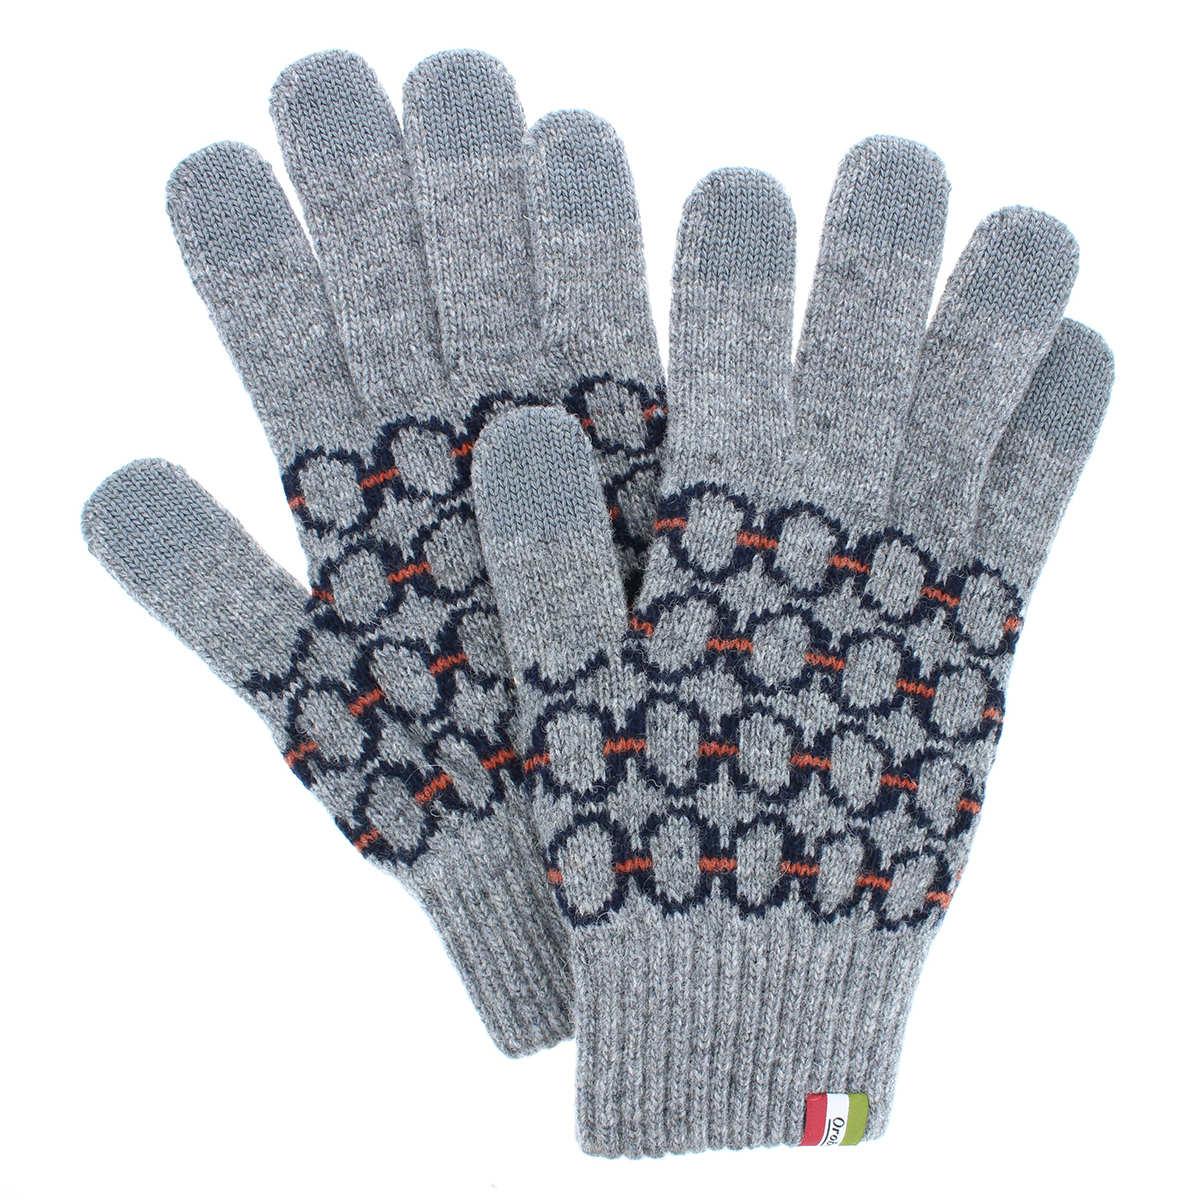 オロビアンコ メンズ タッチパネル スマホ対応 シーズン柄 ジャカード ニット手袋